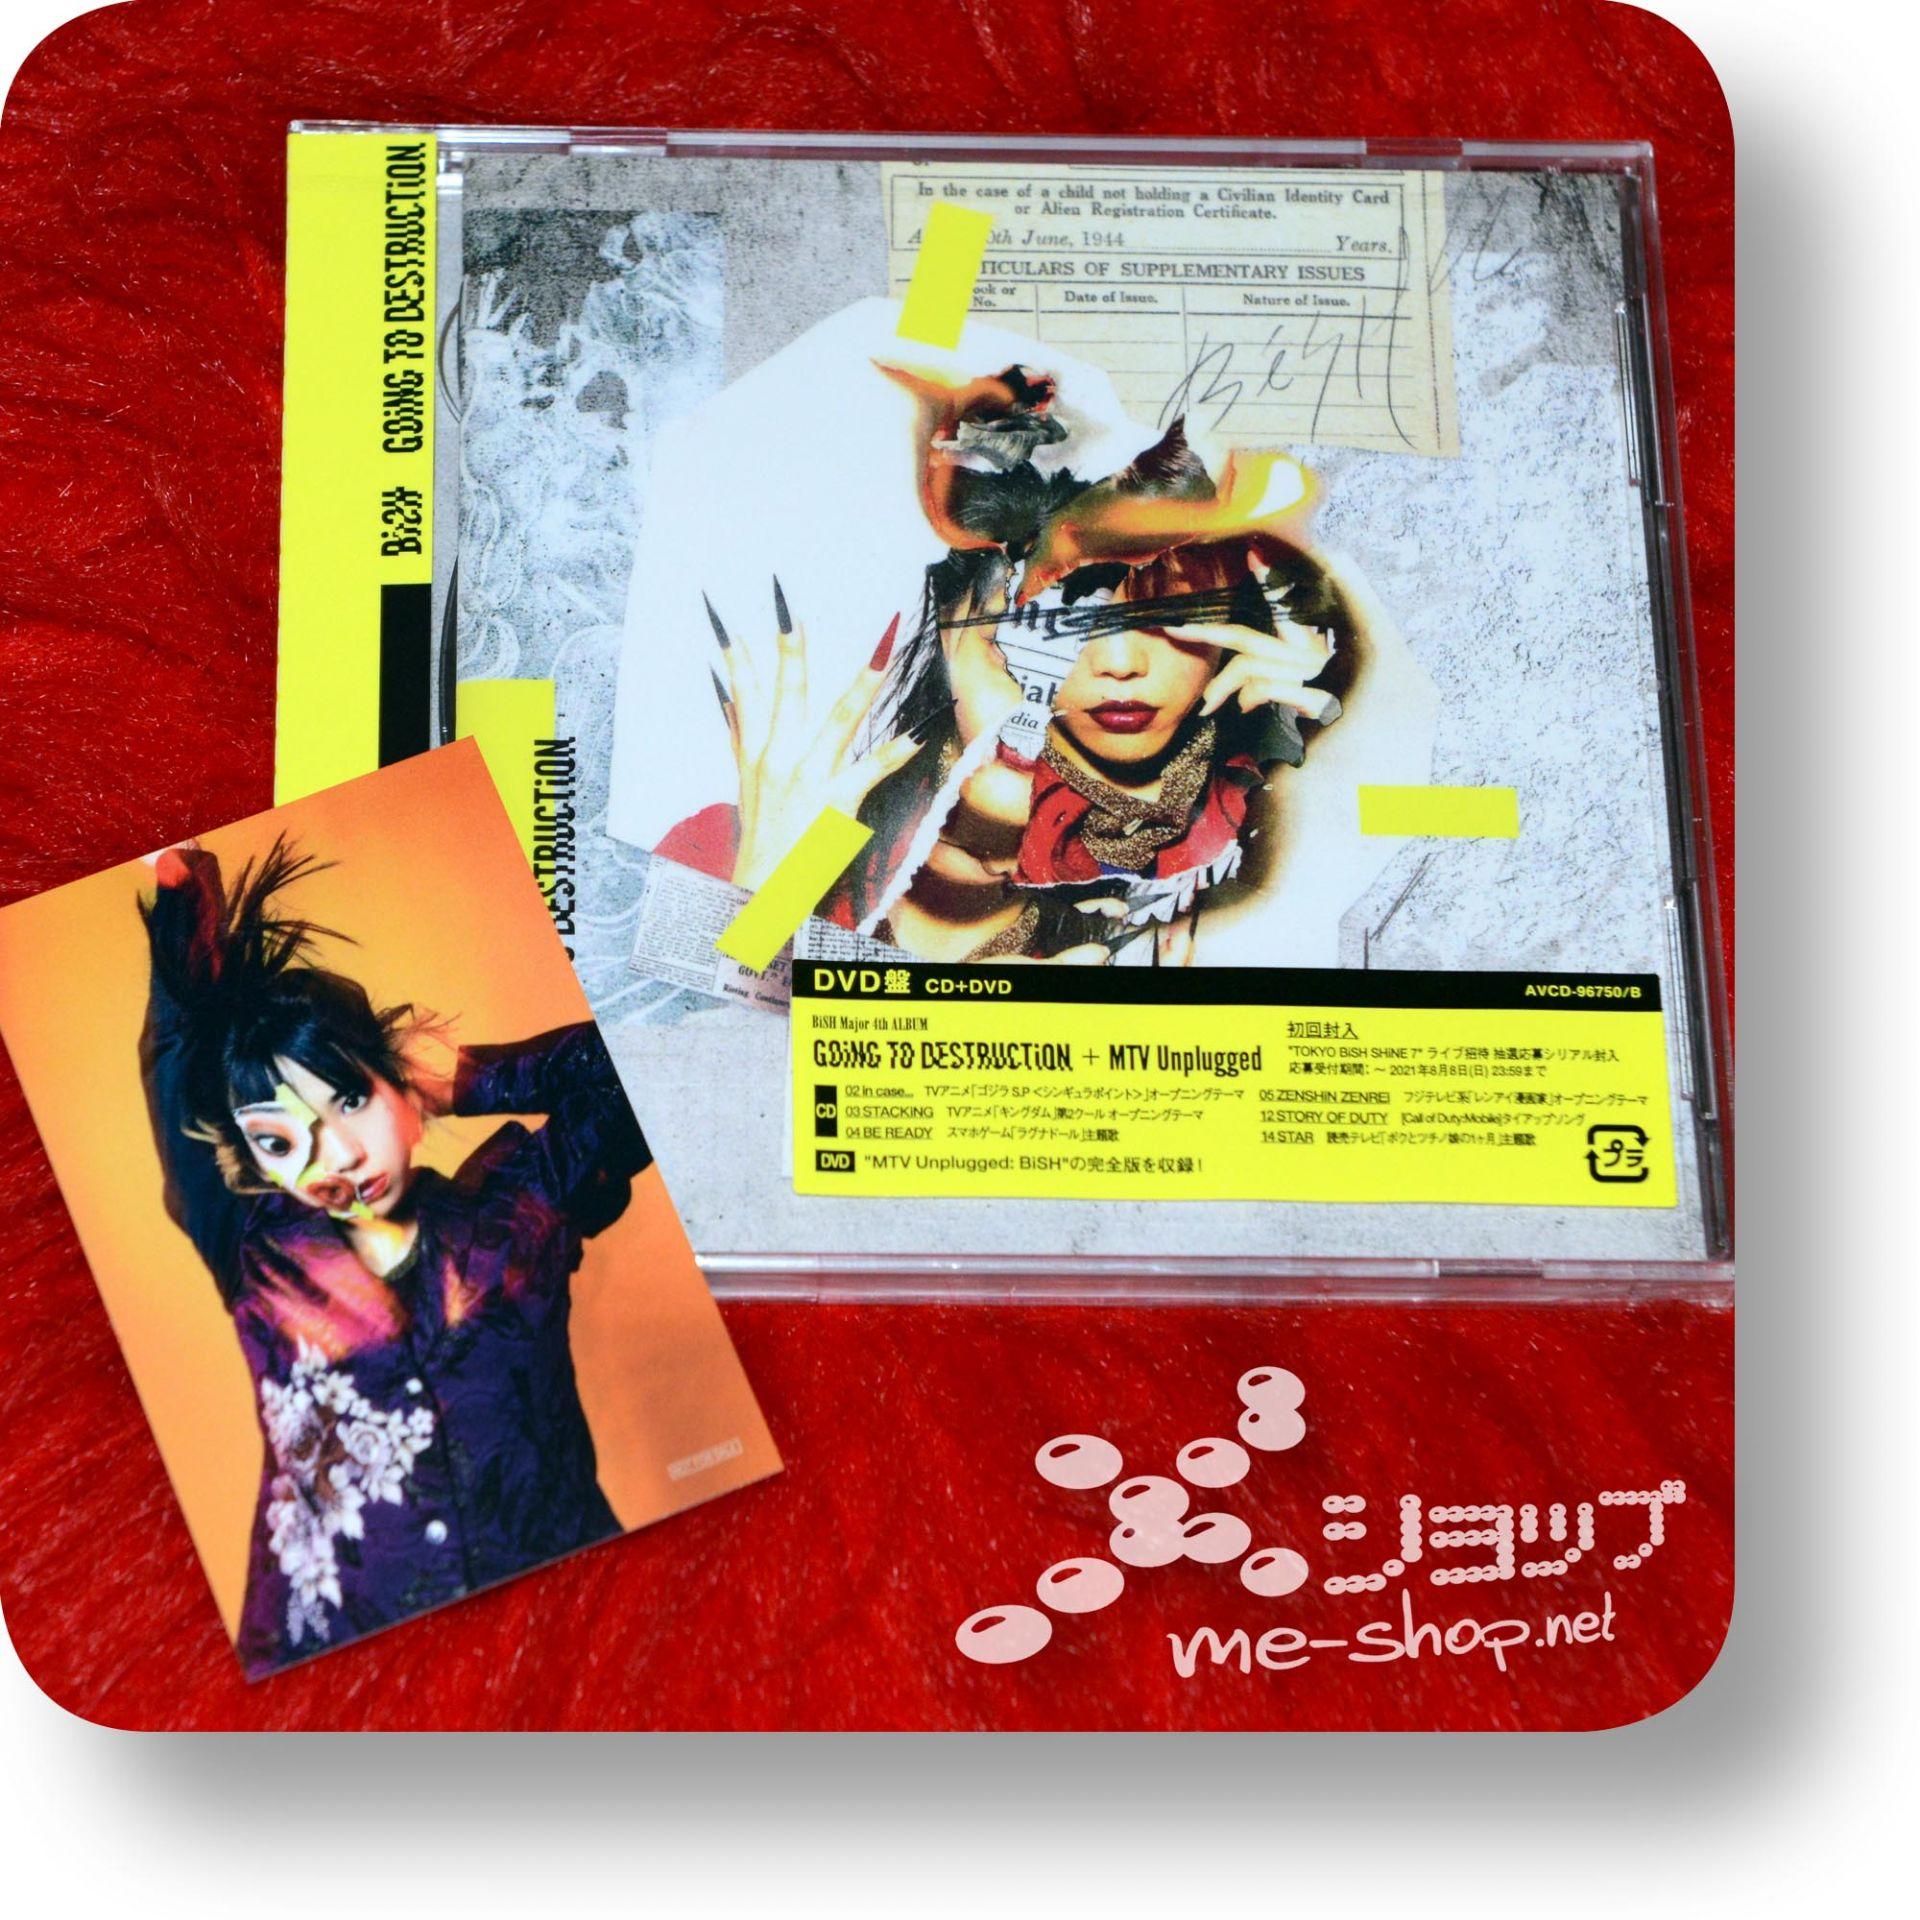 bish going to destruction cd+dvd+bonus